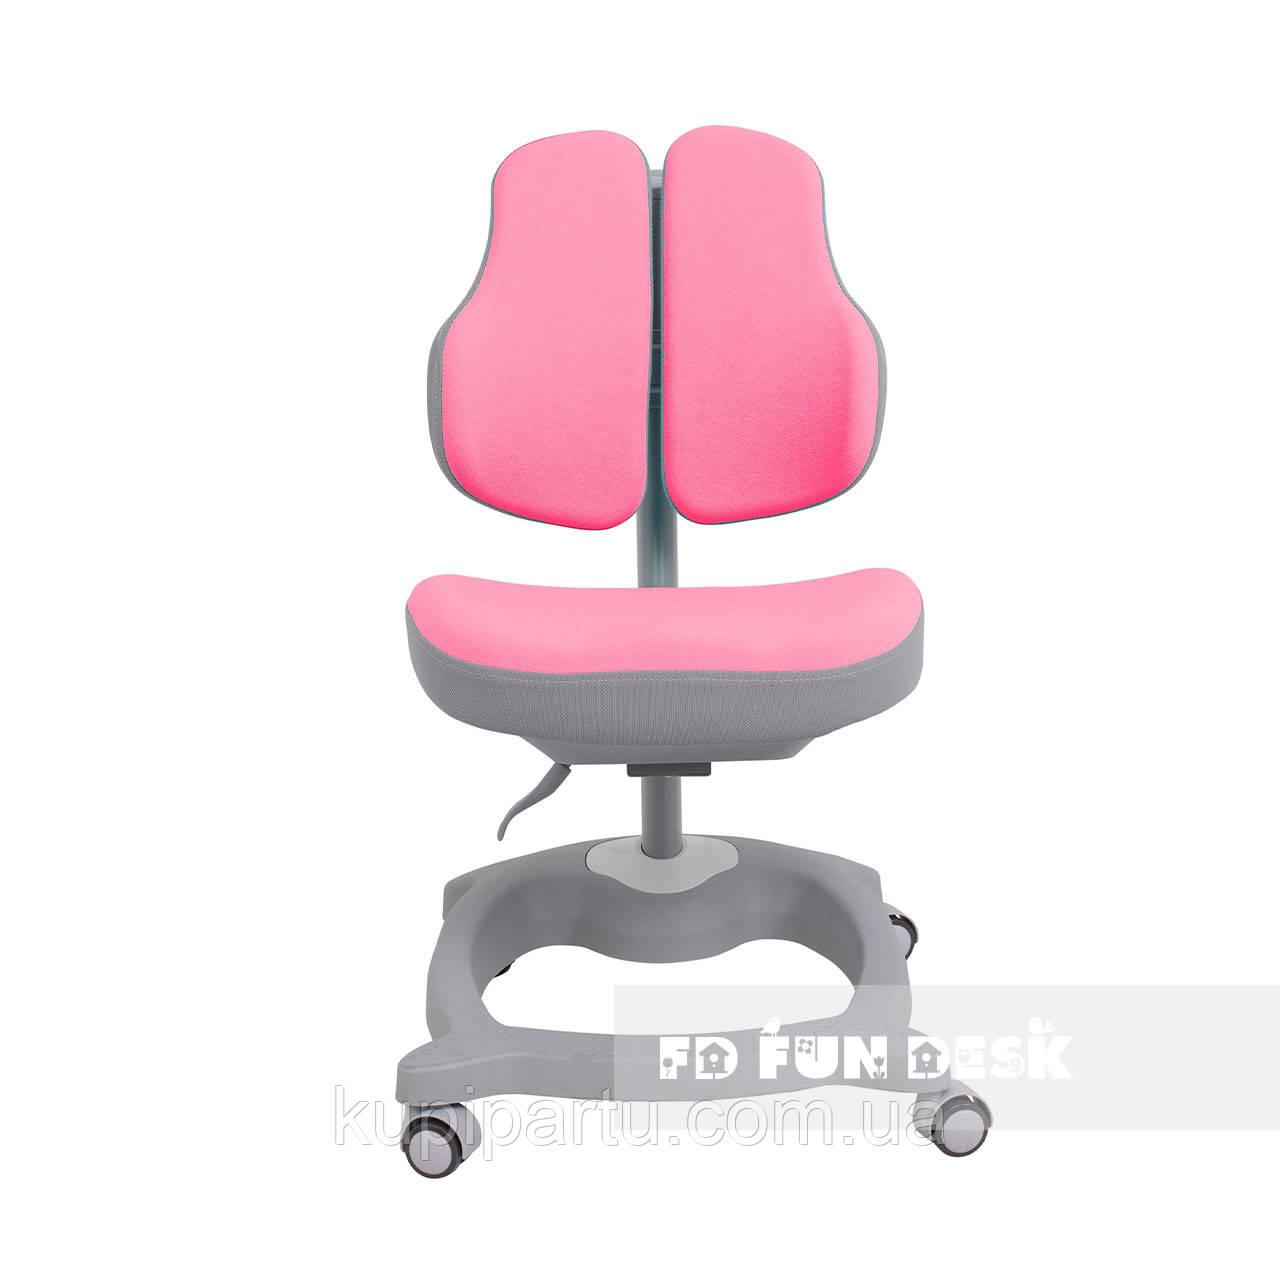 Детское эргономичное кресло FunDesk Diverso Pink